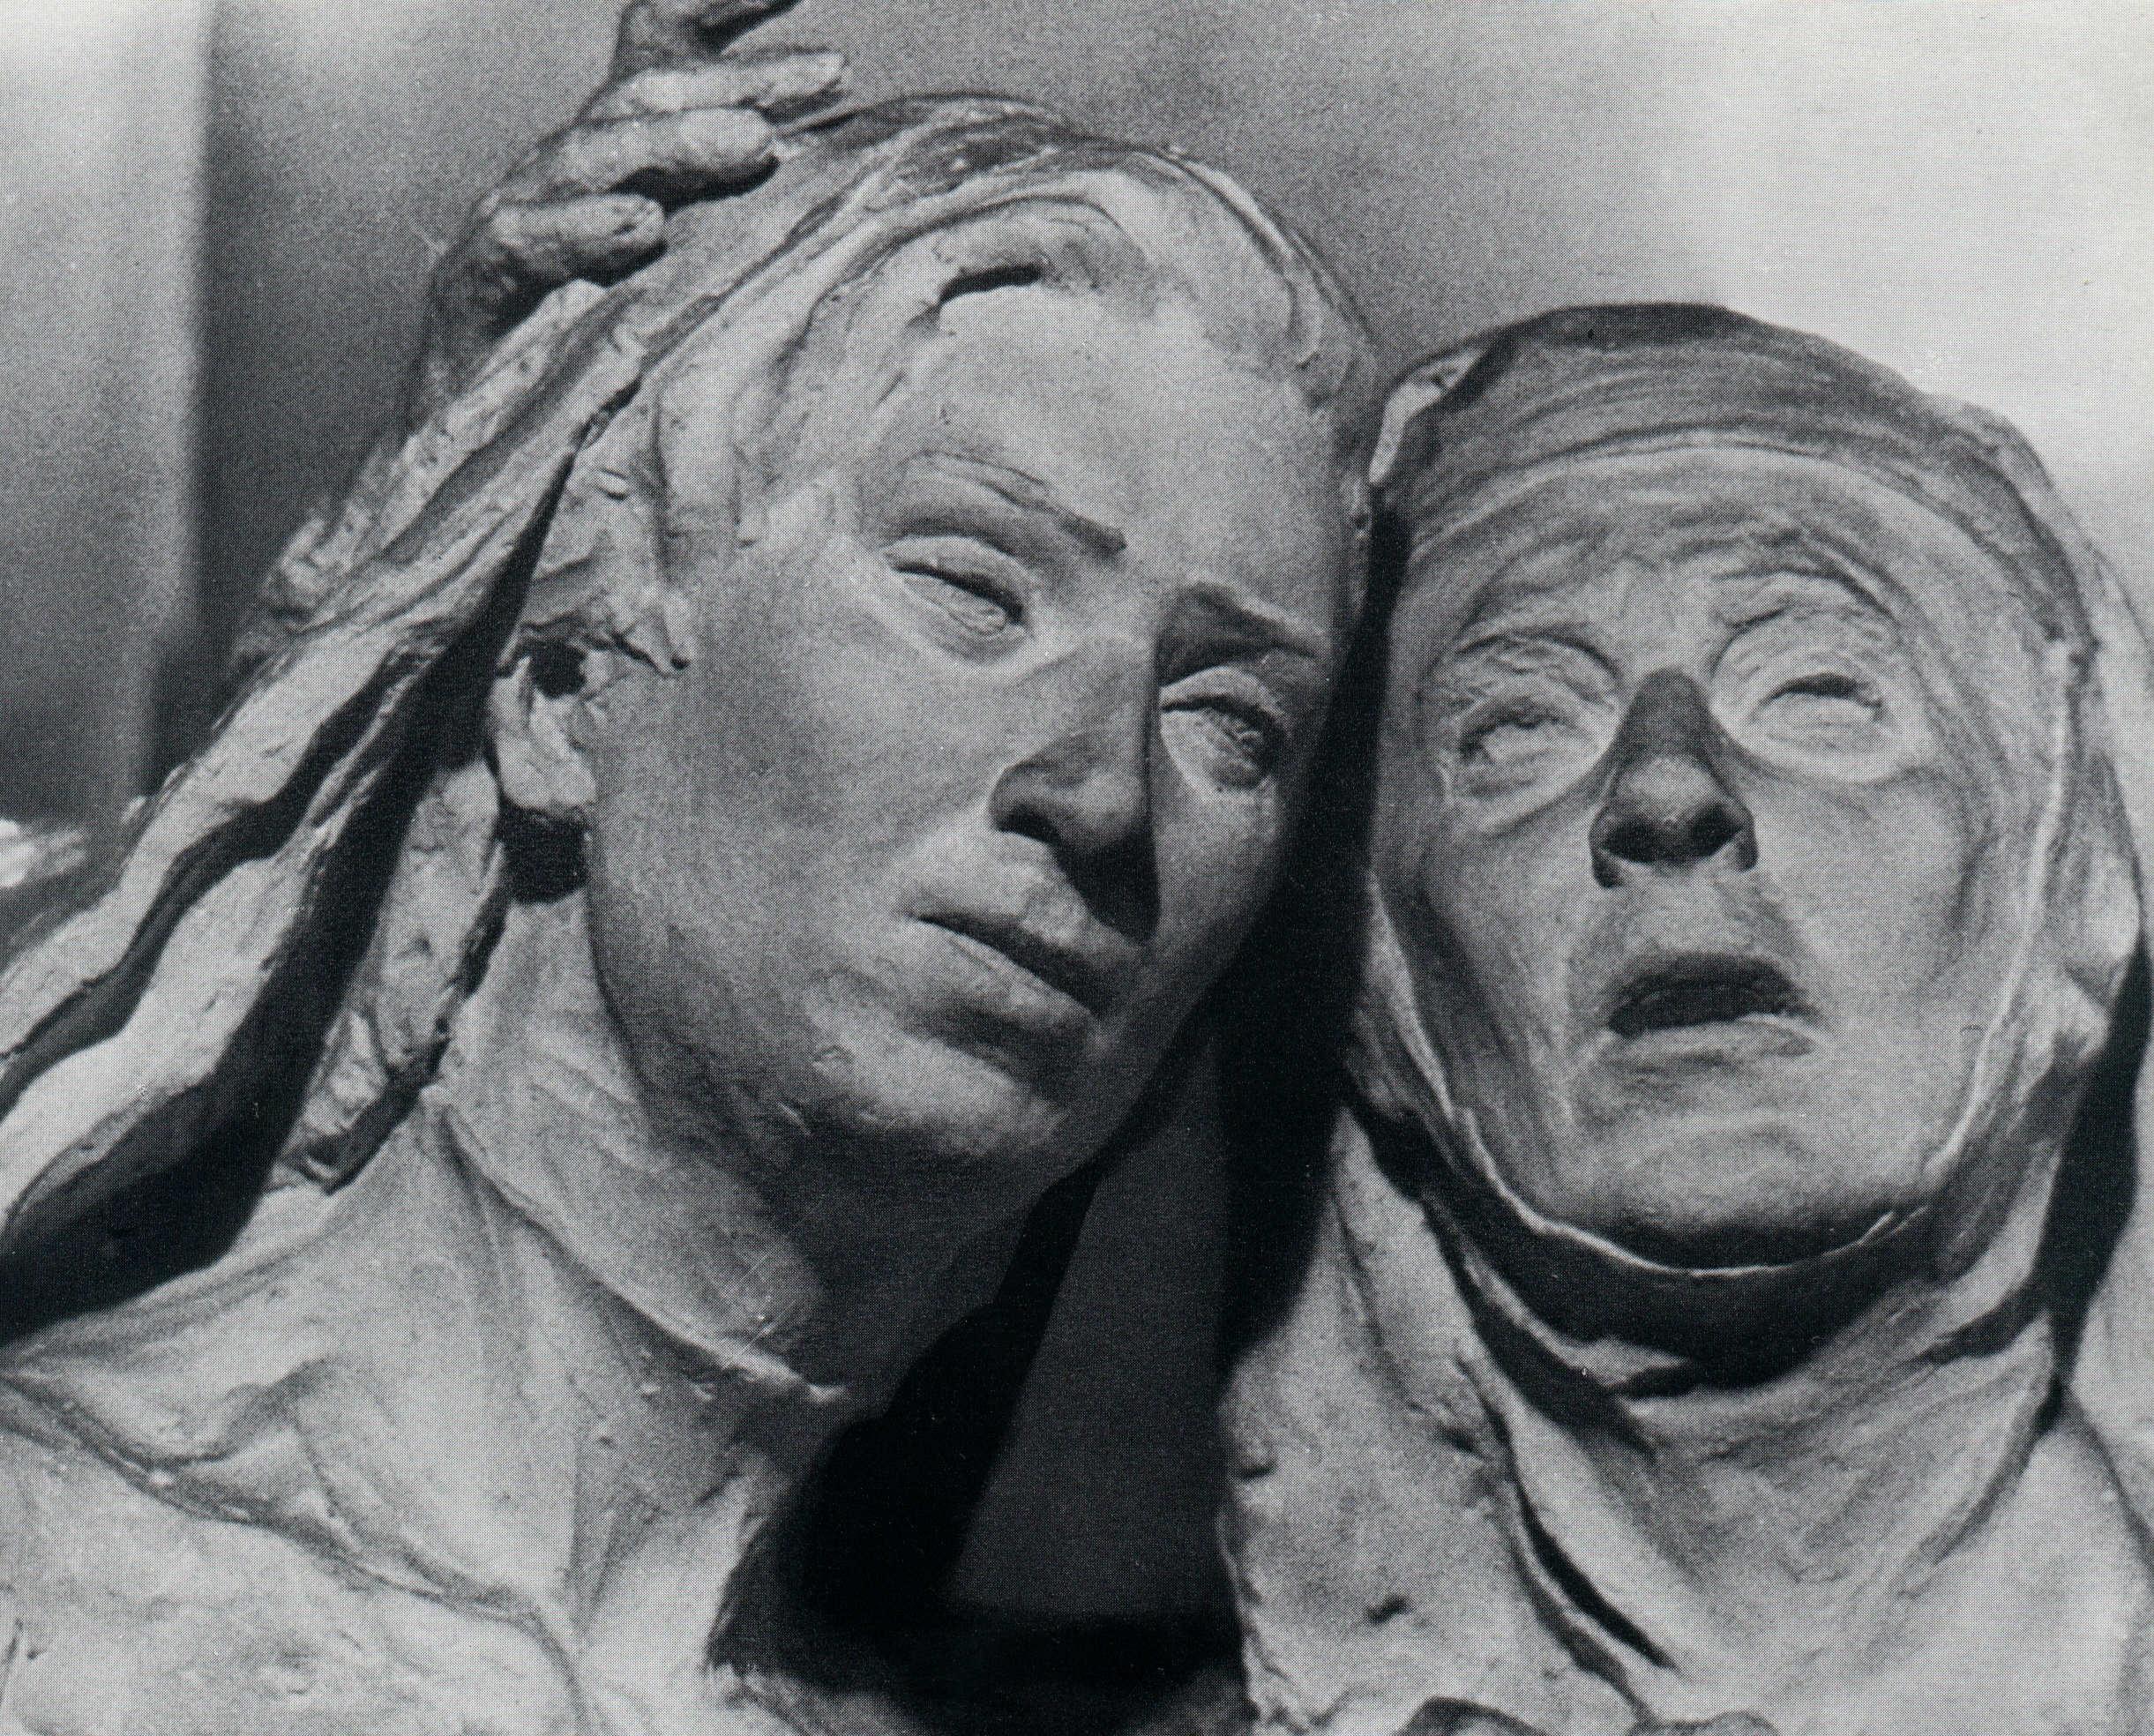 La Credenza Della Nonna Santa Maria Maggiore : Arte scultrice e sculture vita pace centro culturale